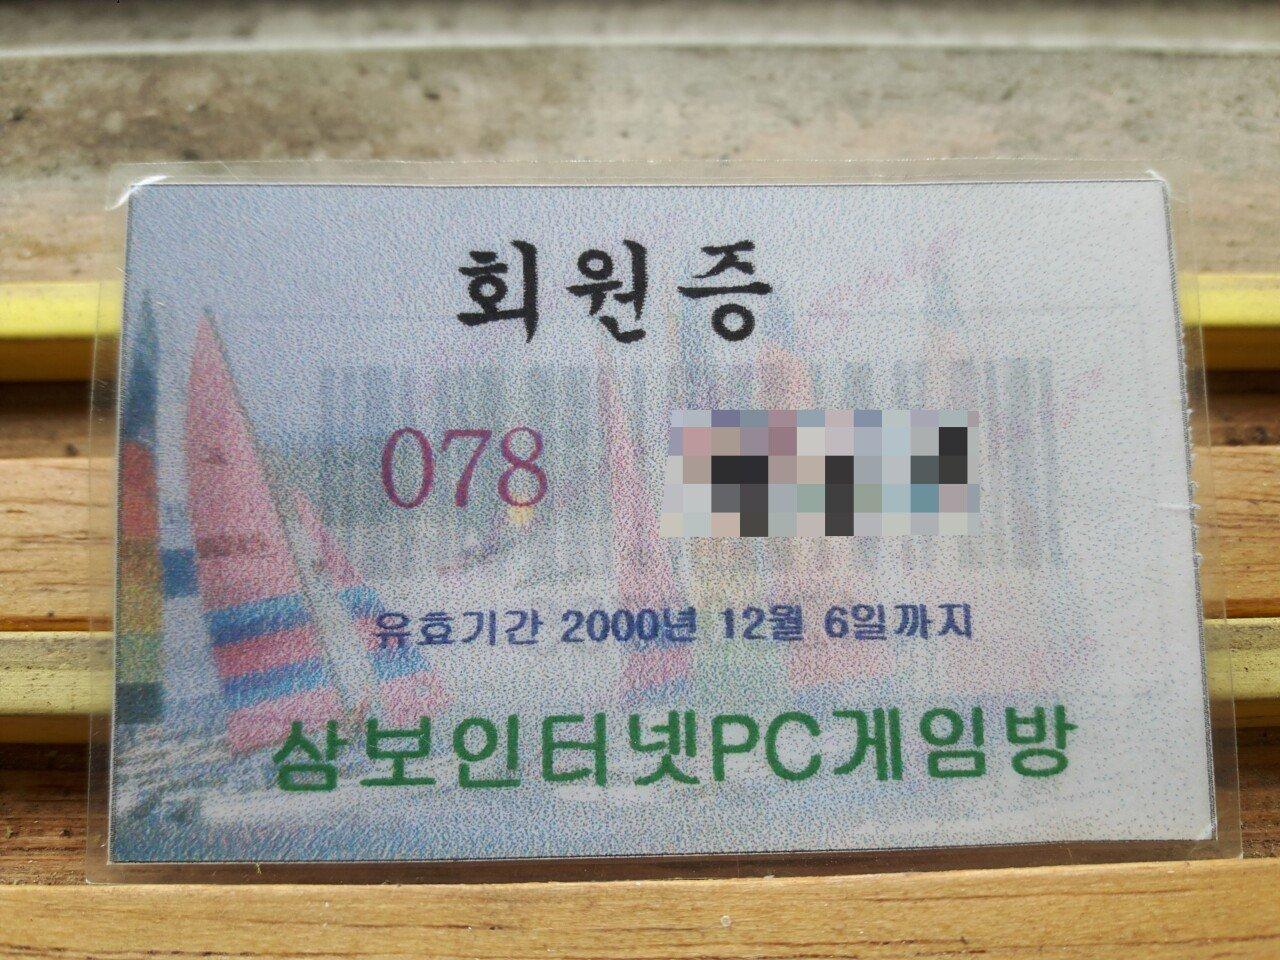 20190326_010133.jpg 2000년 어느 PC방의 회원 카드